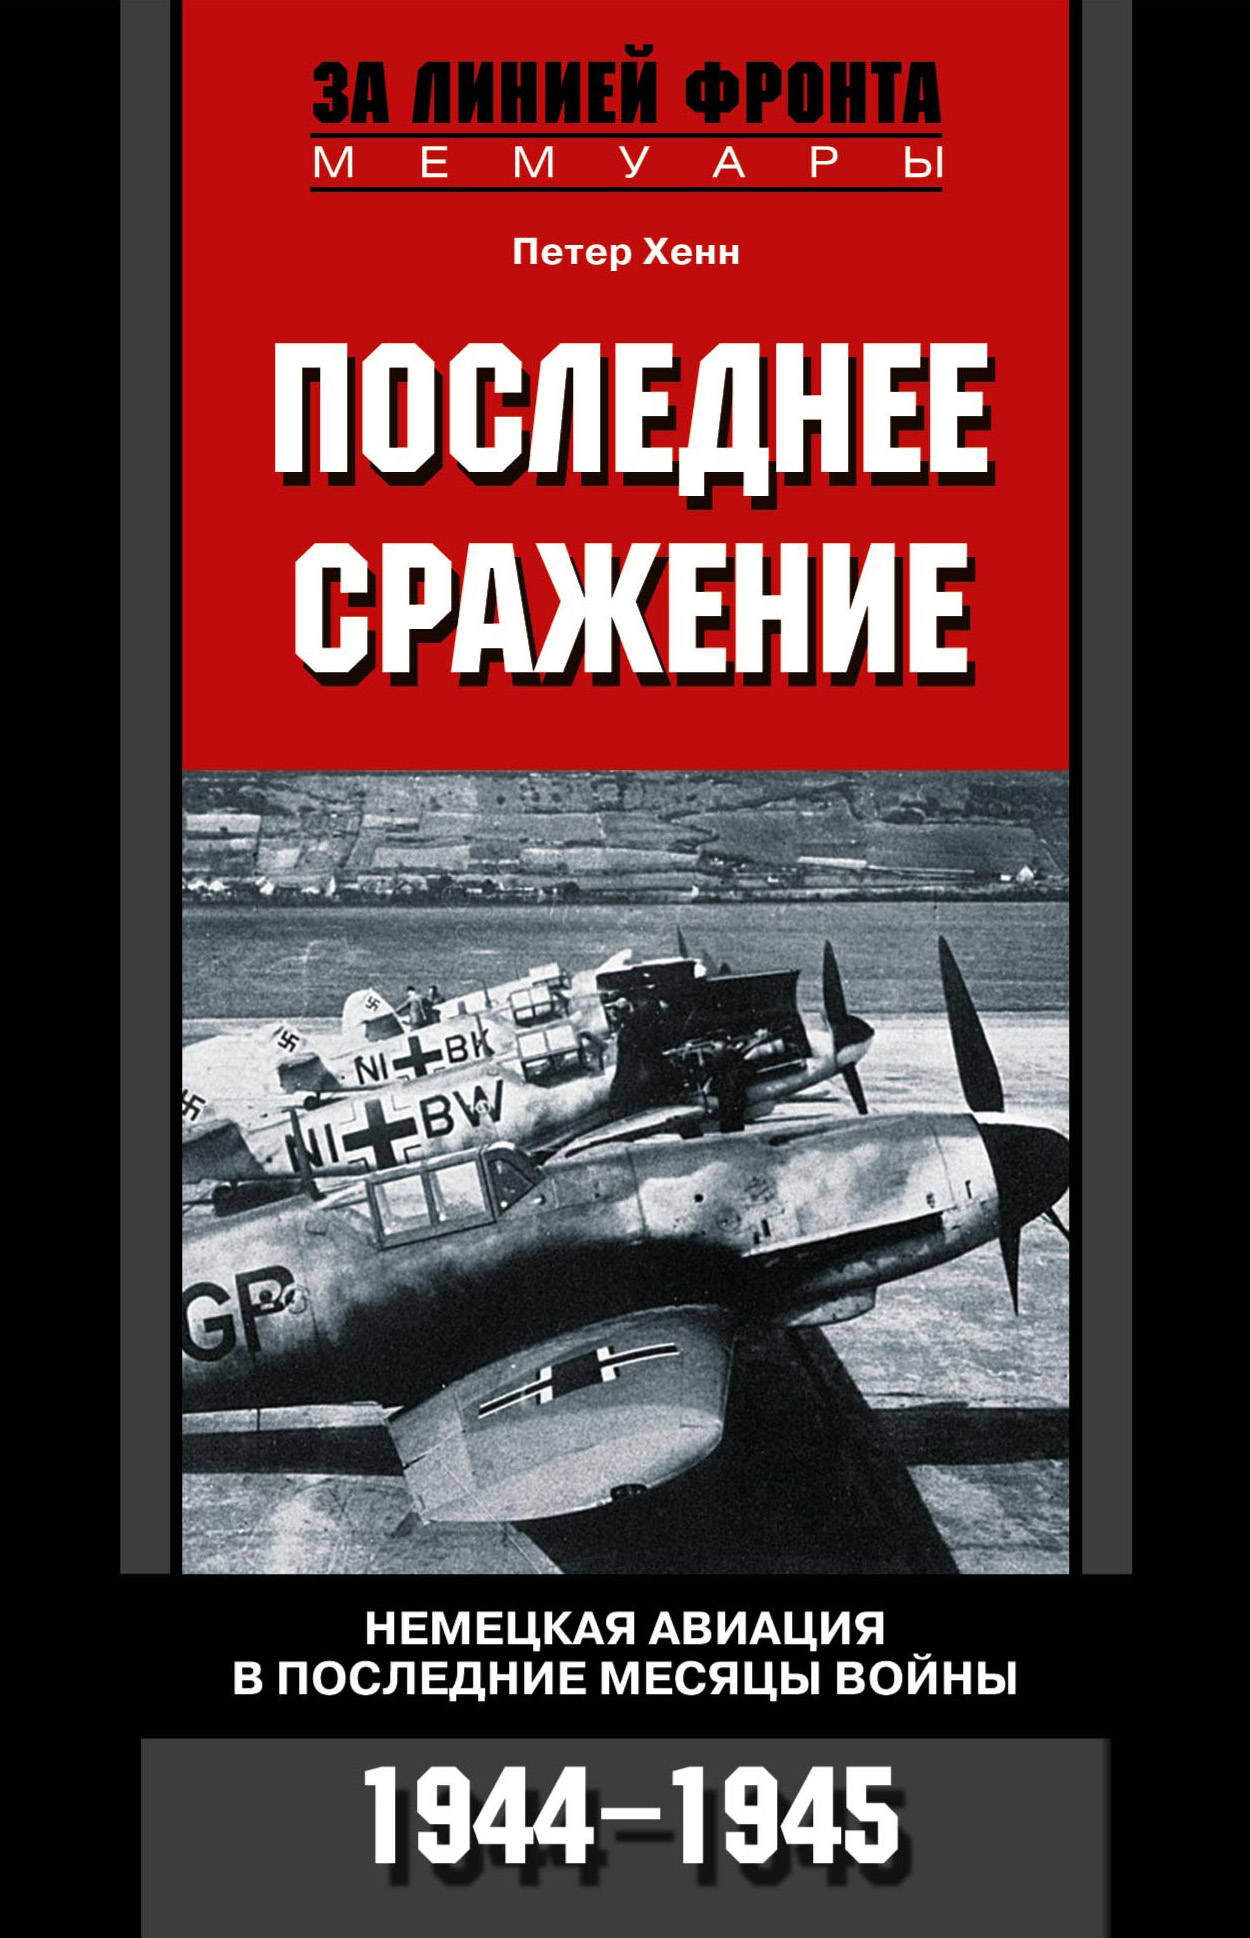 Последнее сражение. Немецкая авиация в последние месяцы войны. 1944-1945